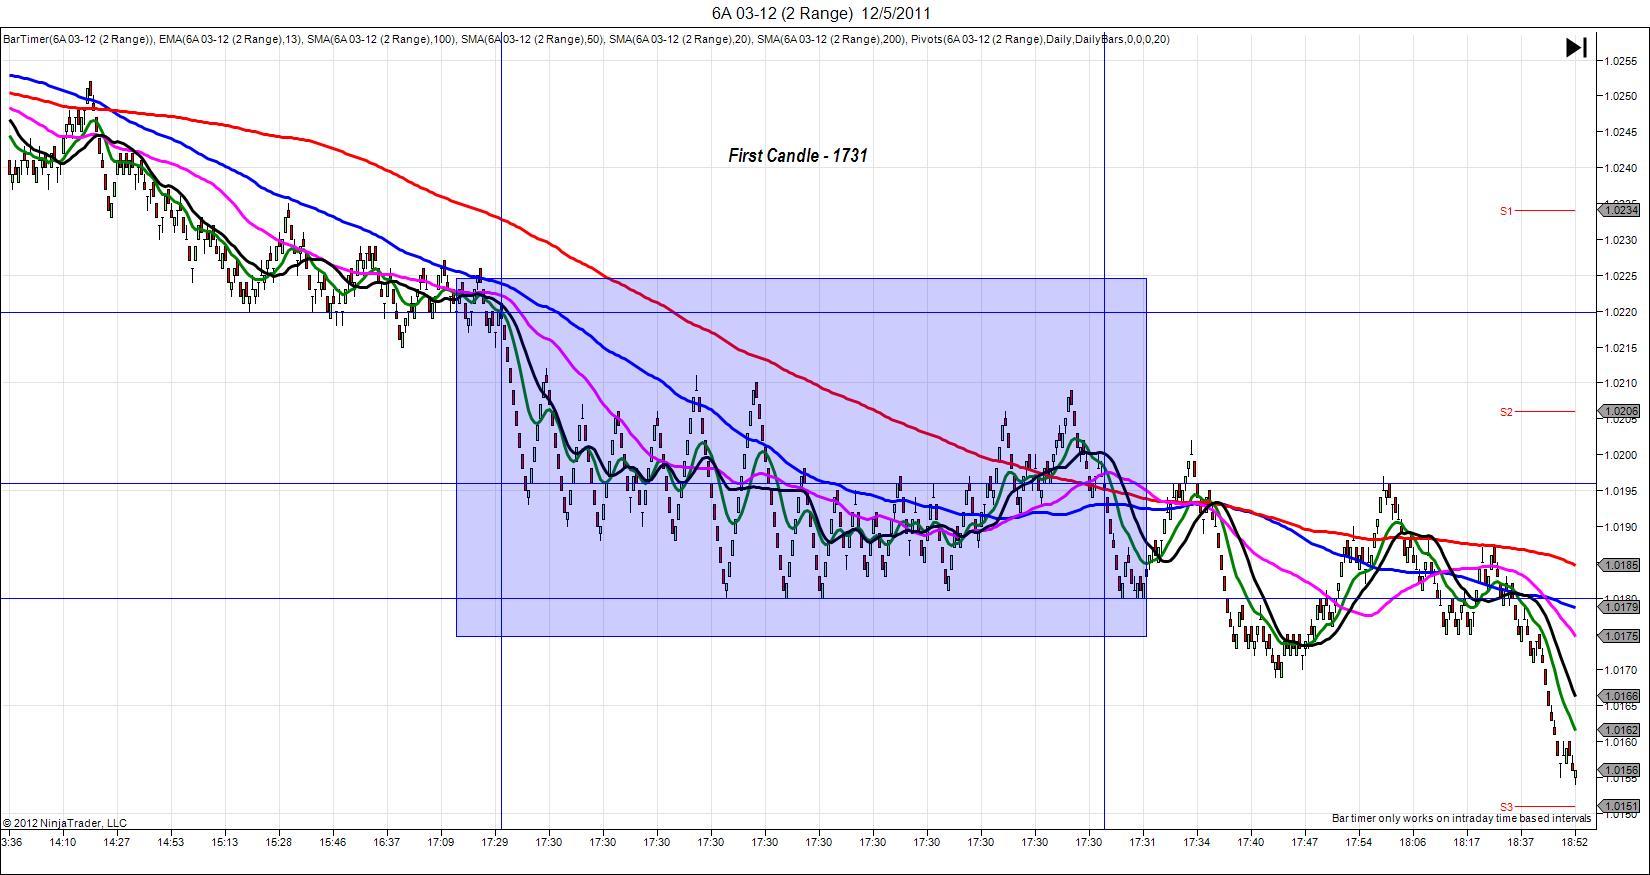 6A 03 12 (2 Range) 12.05.11